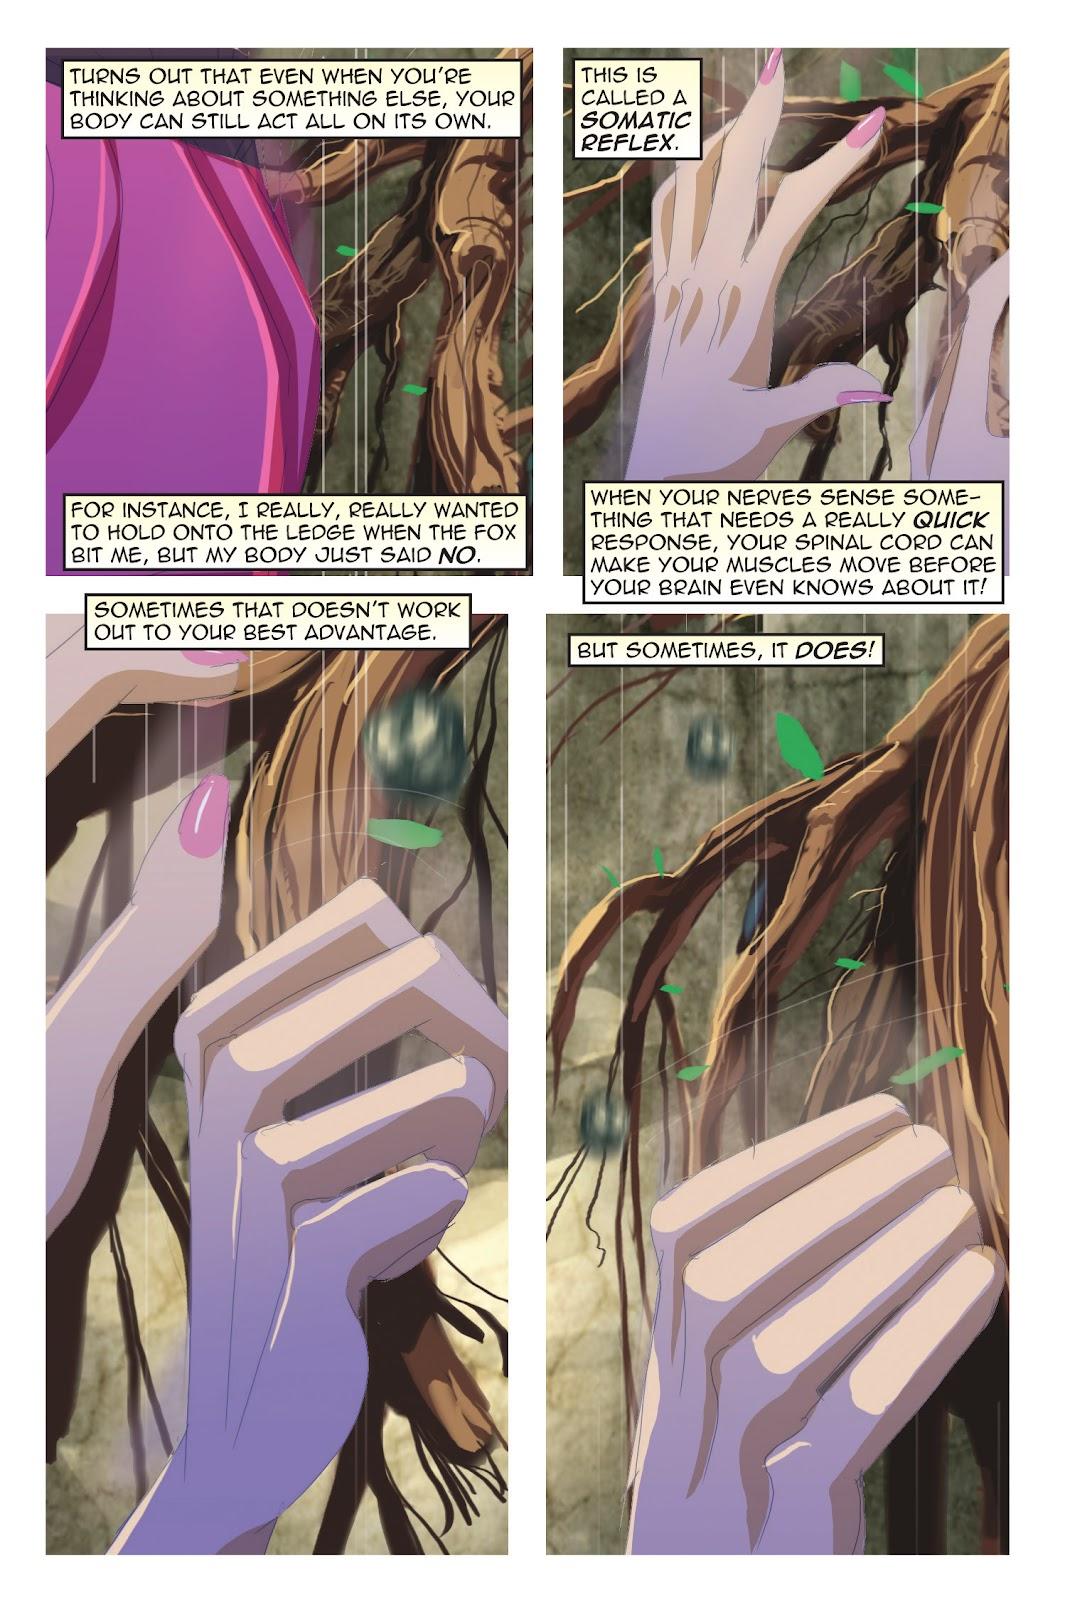 Read online Nancy Drew comic -  Issue #19 - 32